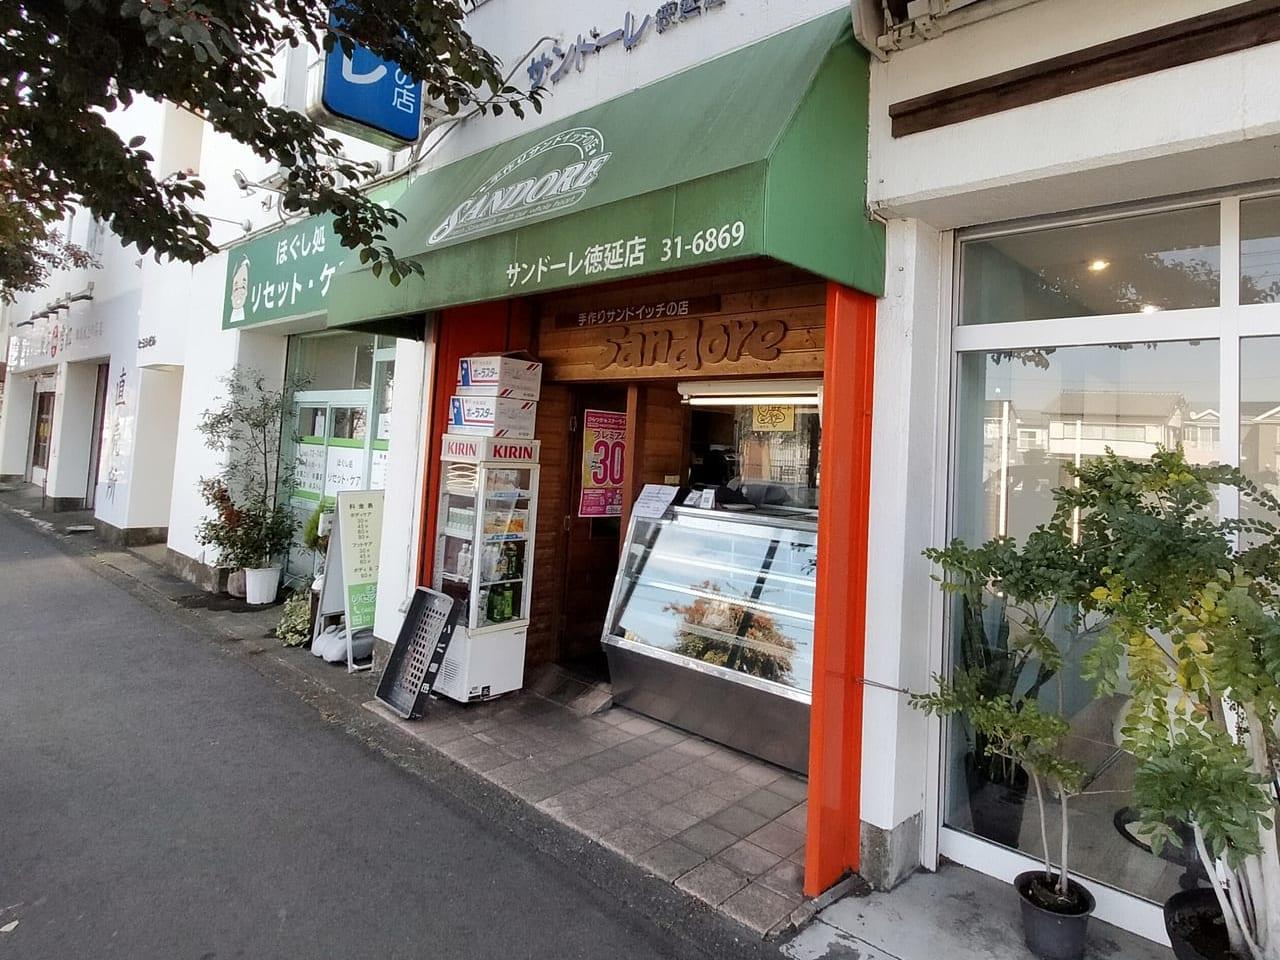 「サンドーレ徳延店」が1月22日(金)の営業を最後に閉店しました。